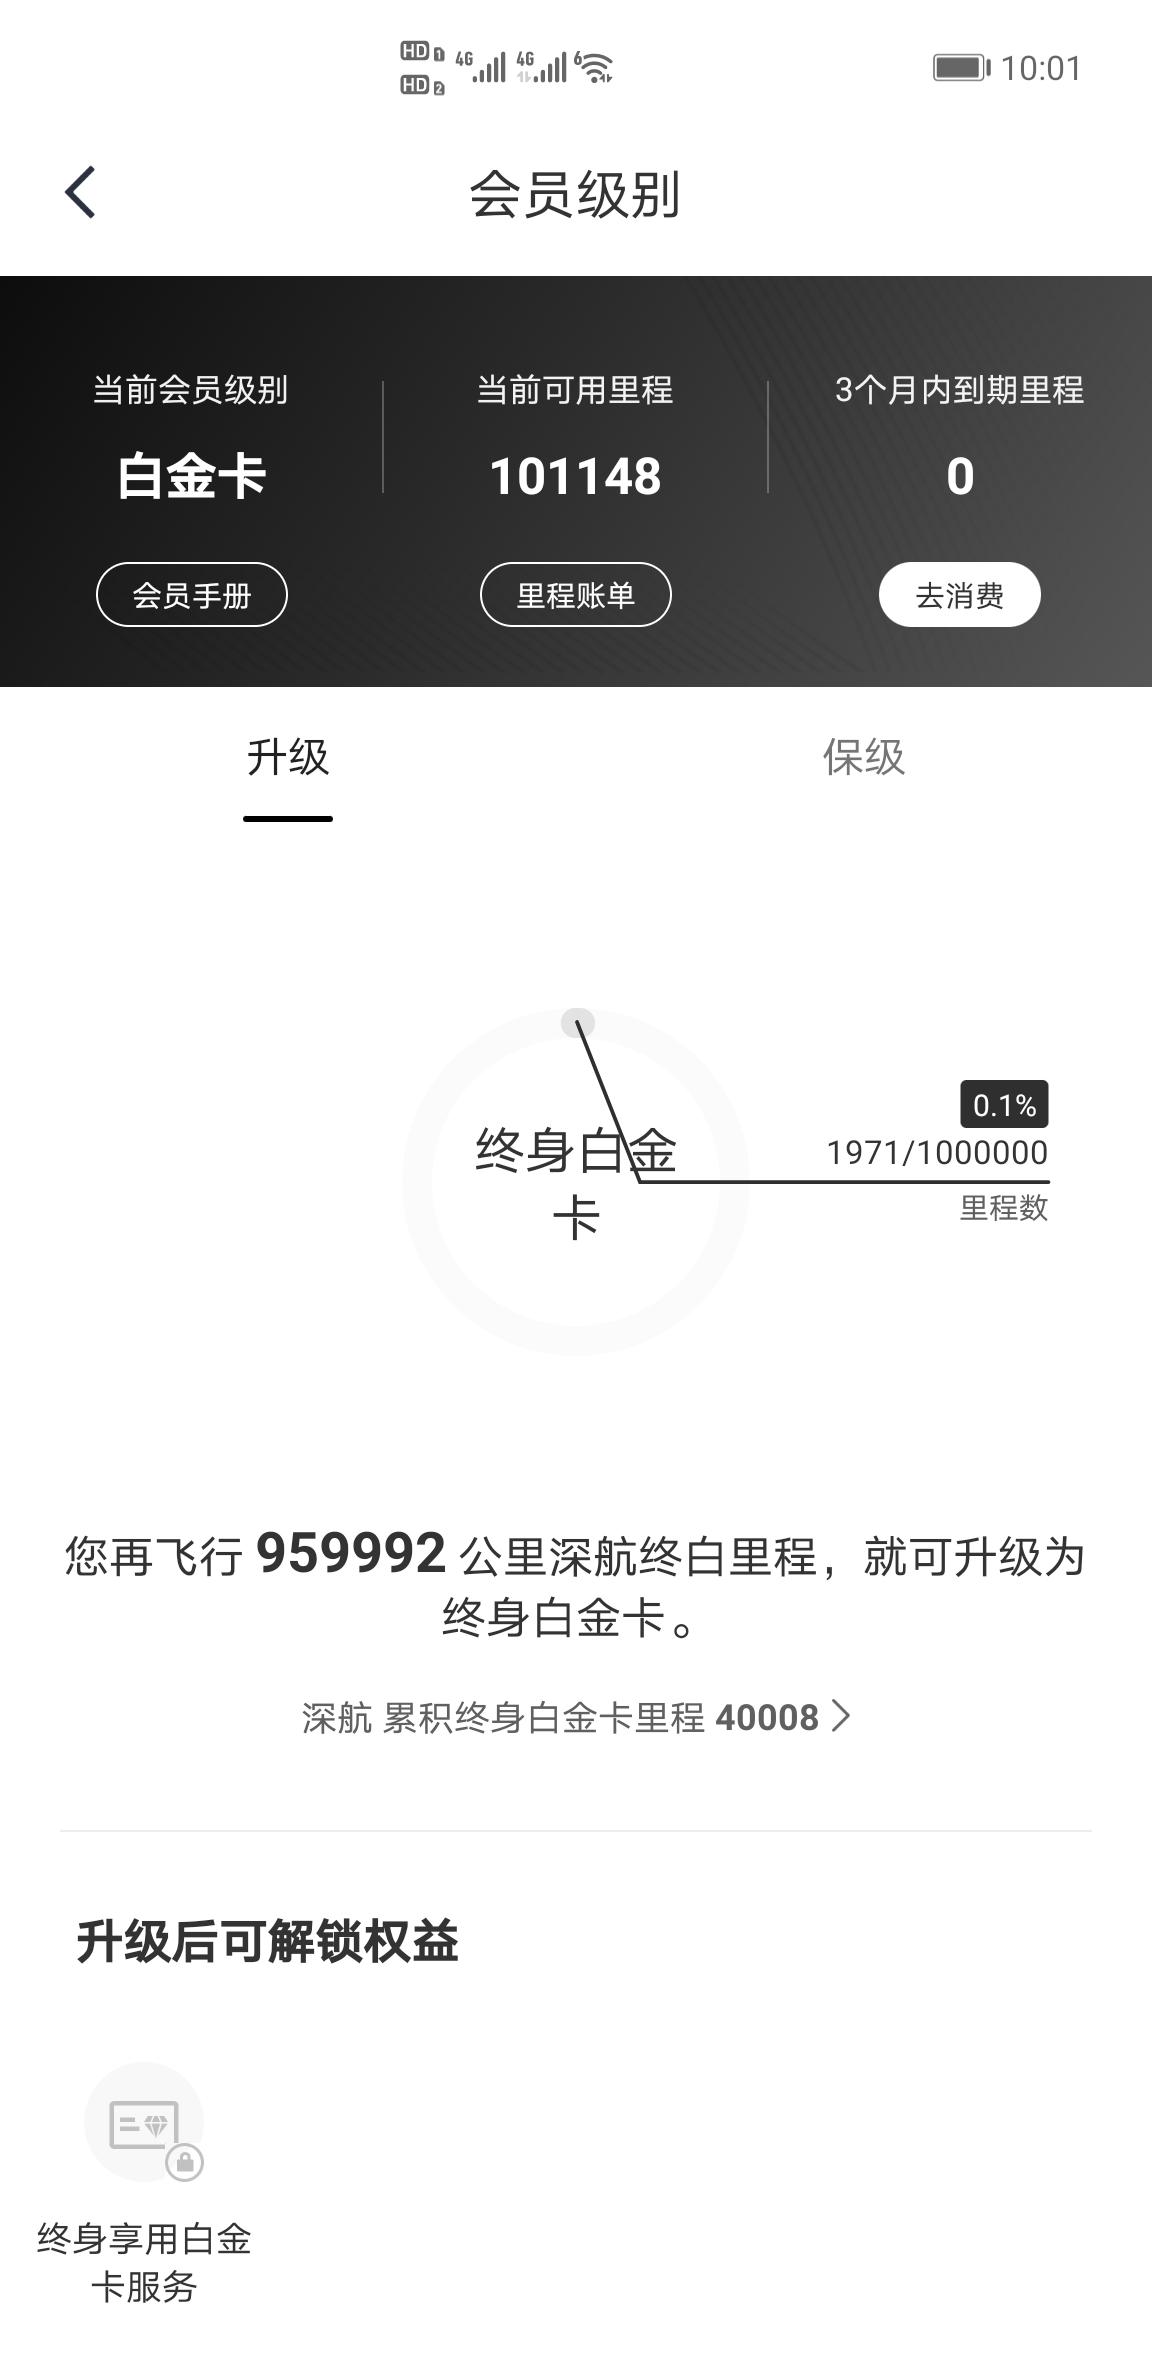 深圳航空的用心服务让我路转粉